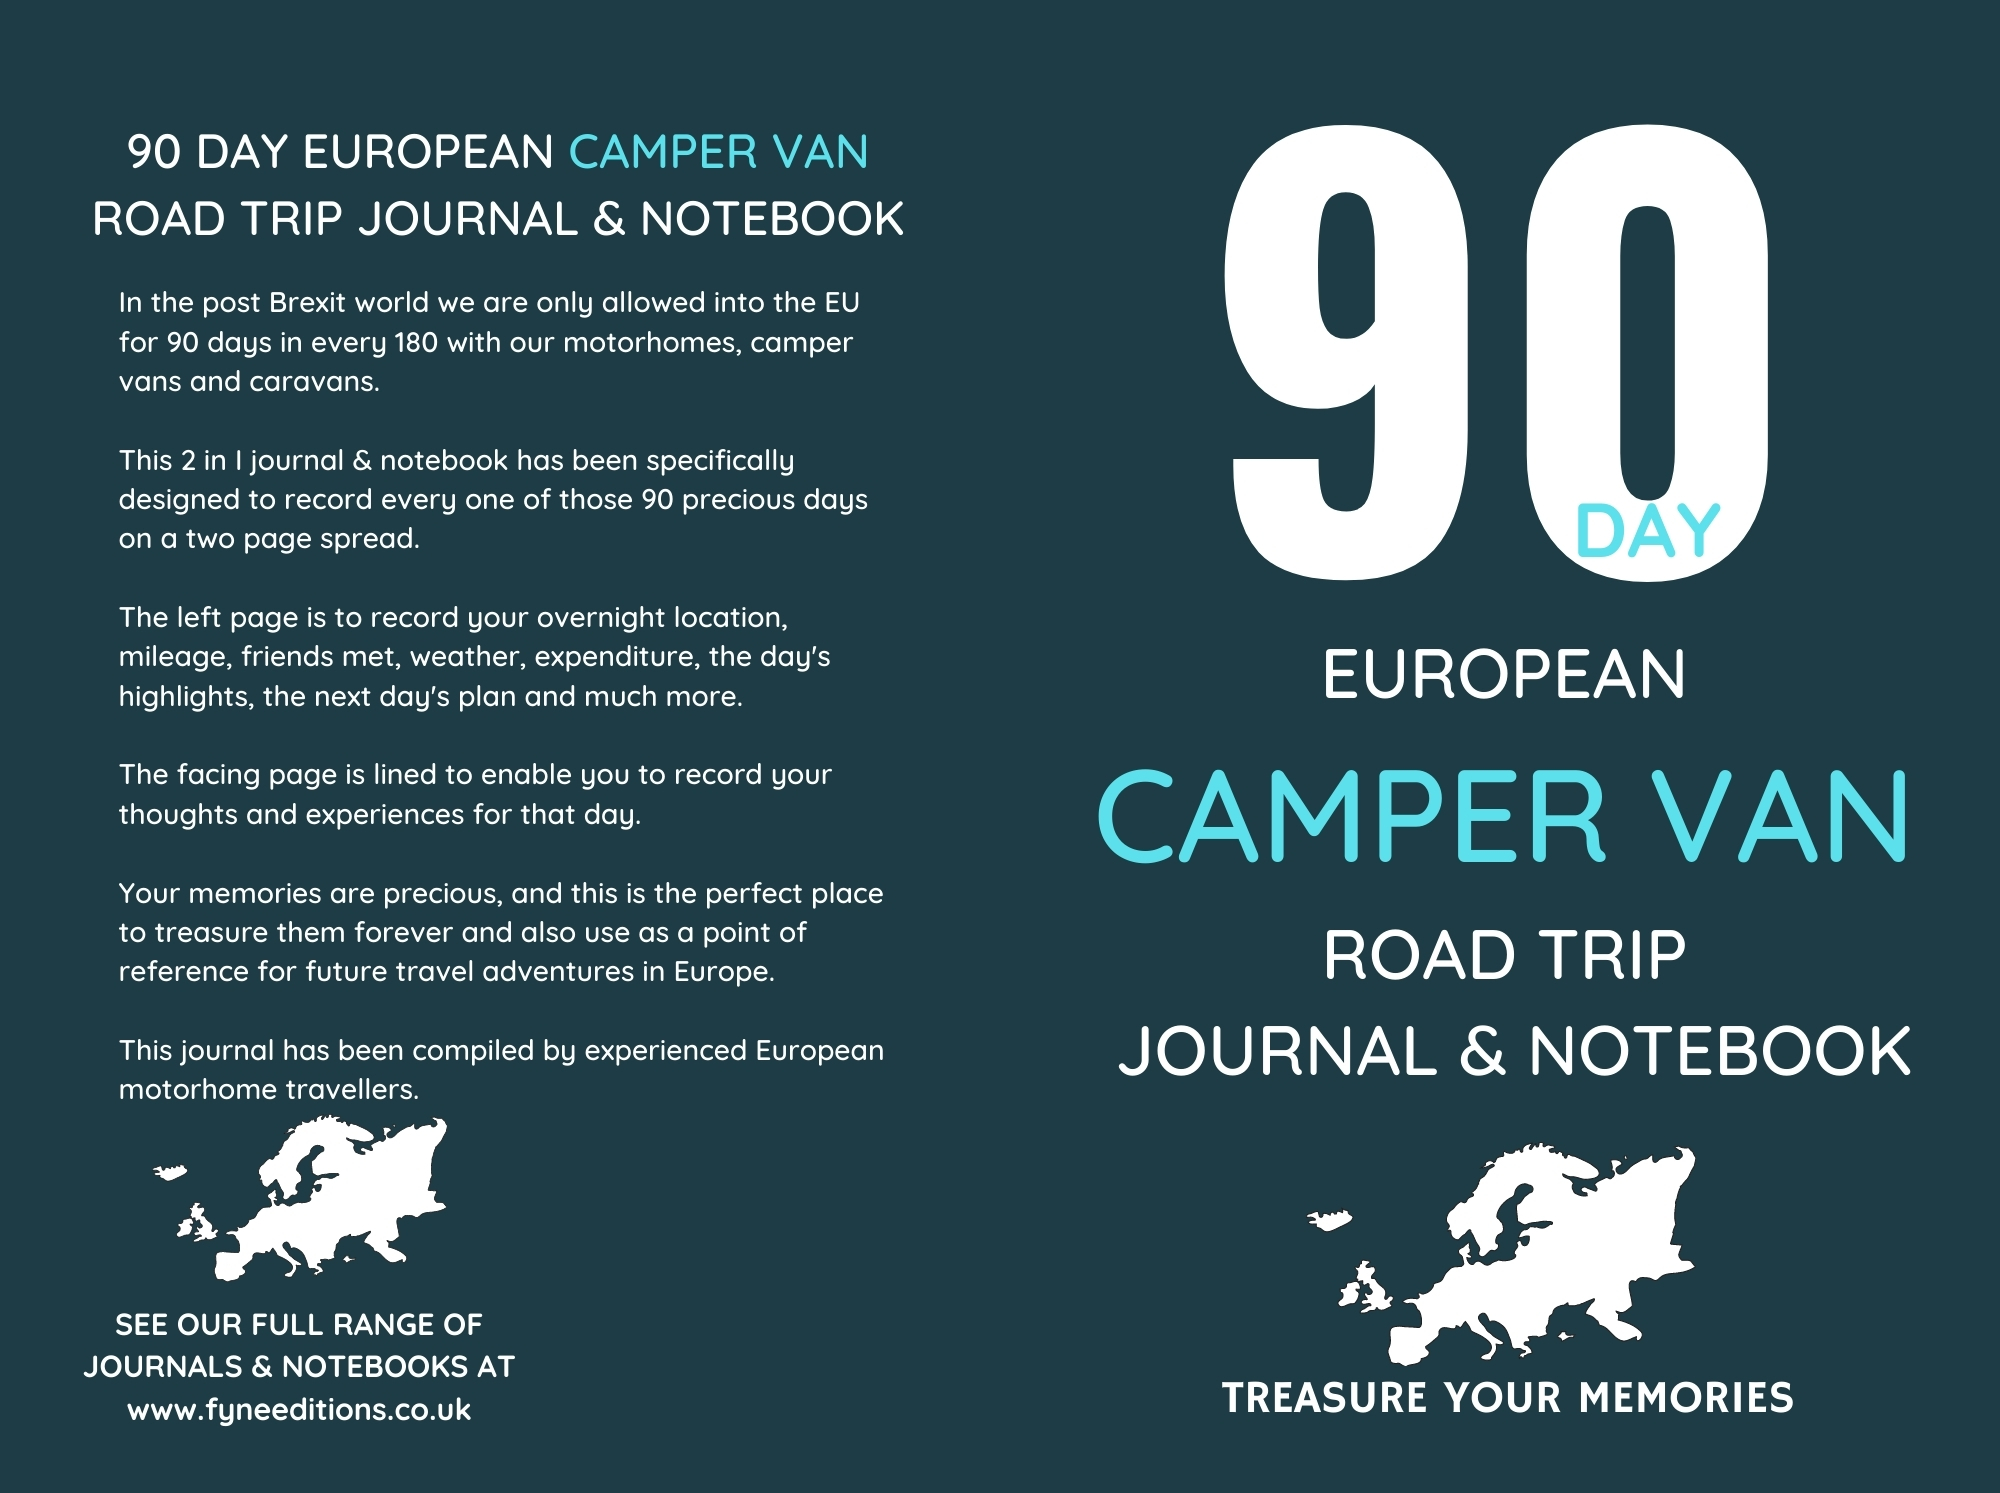 (Updated) 90 Day European Camper Van Road Trip - Journal Cover